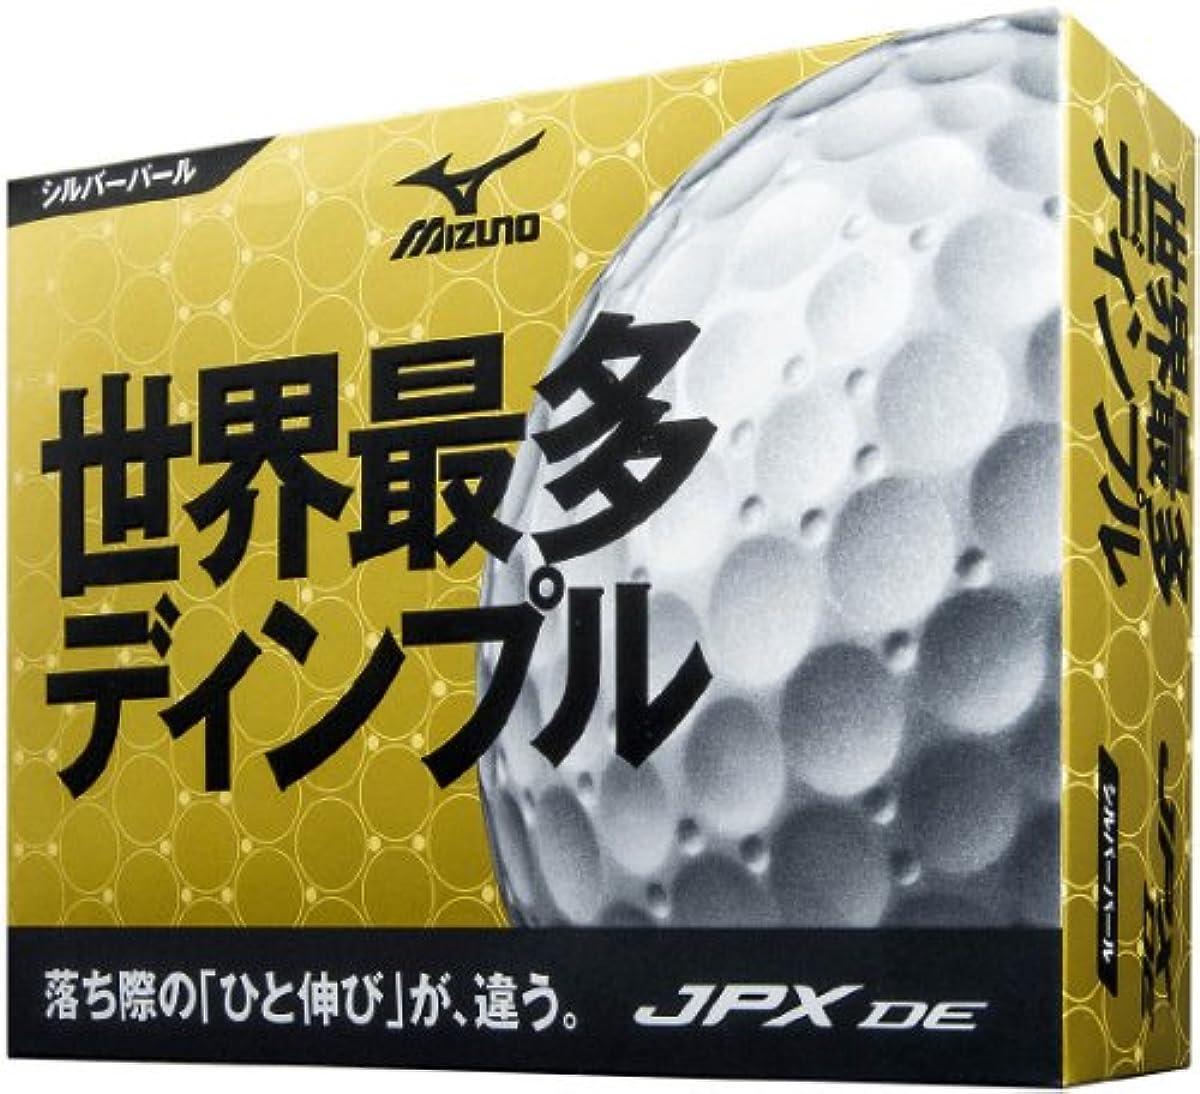 [해외] MIZUNO(미즈노) 골프 볼 JPX DE 실버 펄 1다스 12개 들이 5NJBM7441012P (2014-04-18)